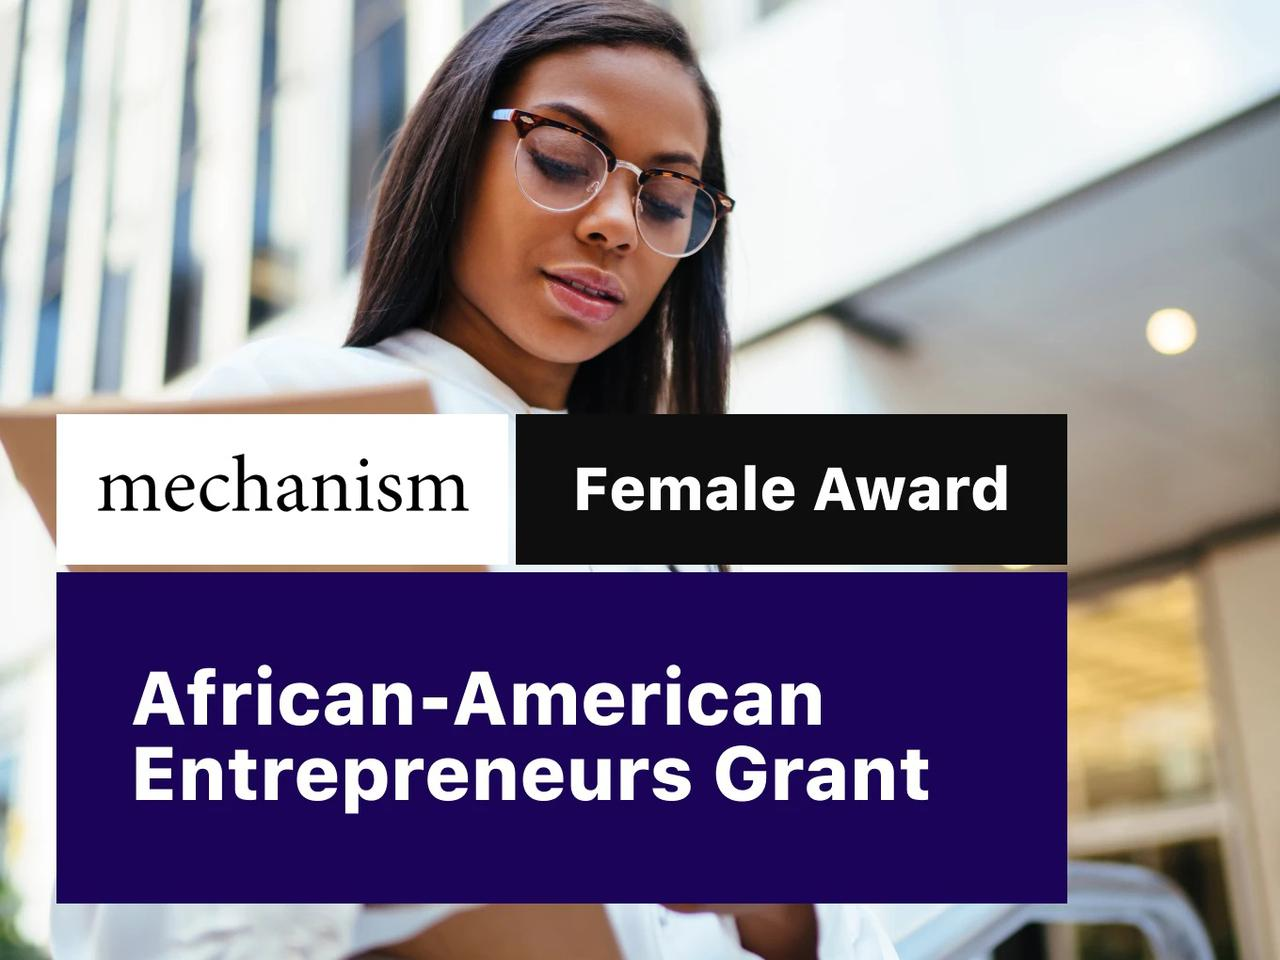 african-american-entrepreneurs-grant-female-award-1592320376355.jpg